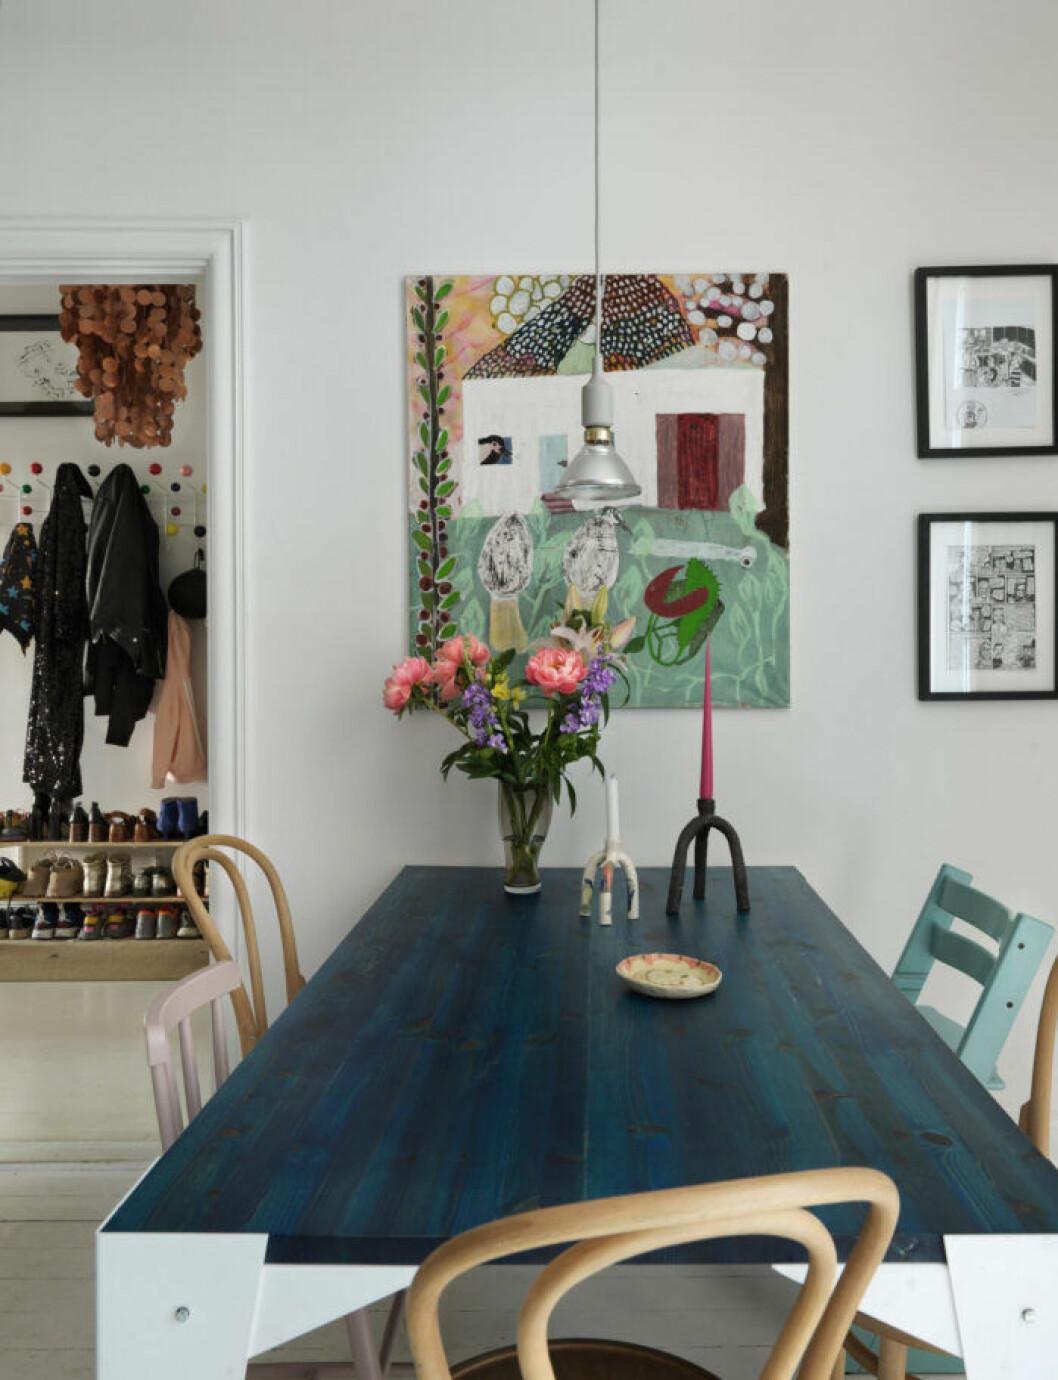 Färgstark konst och blå köksbord hos modedesignern på Södermalm i Stockholm